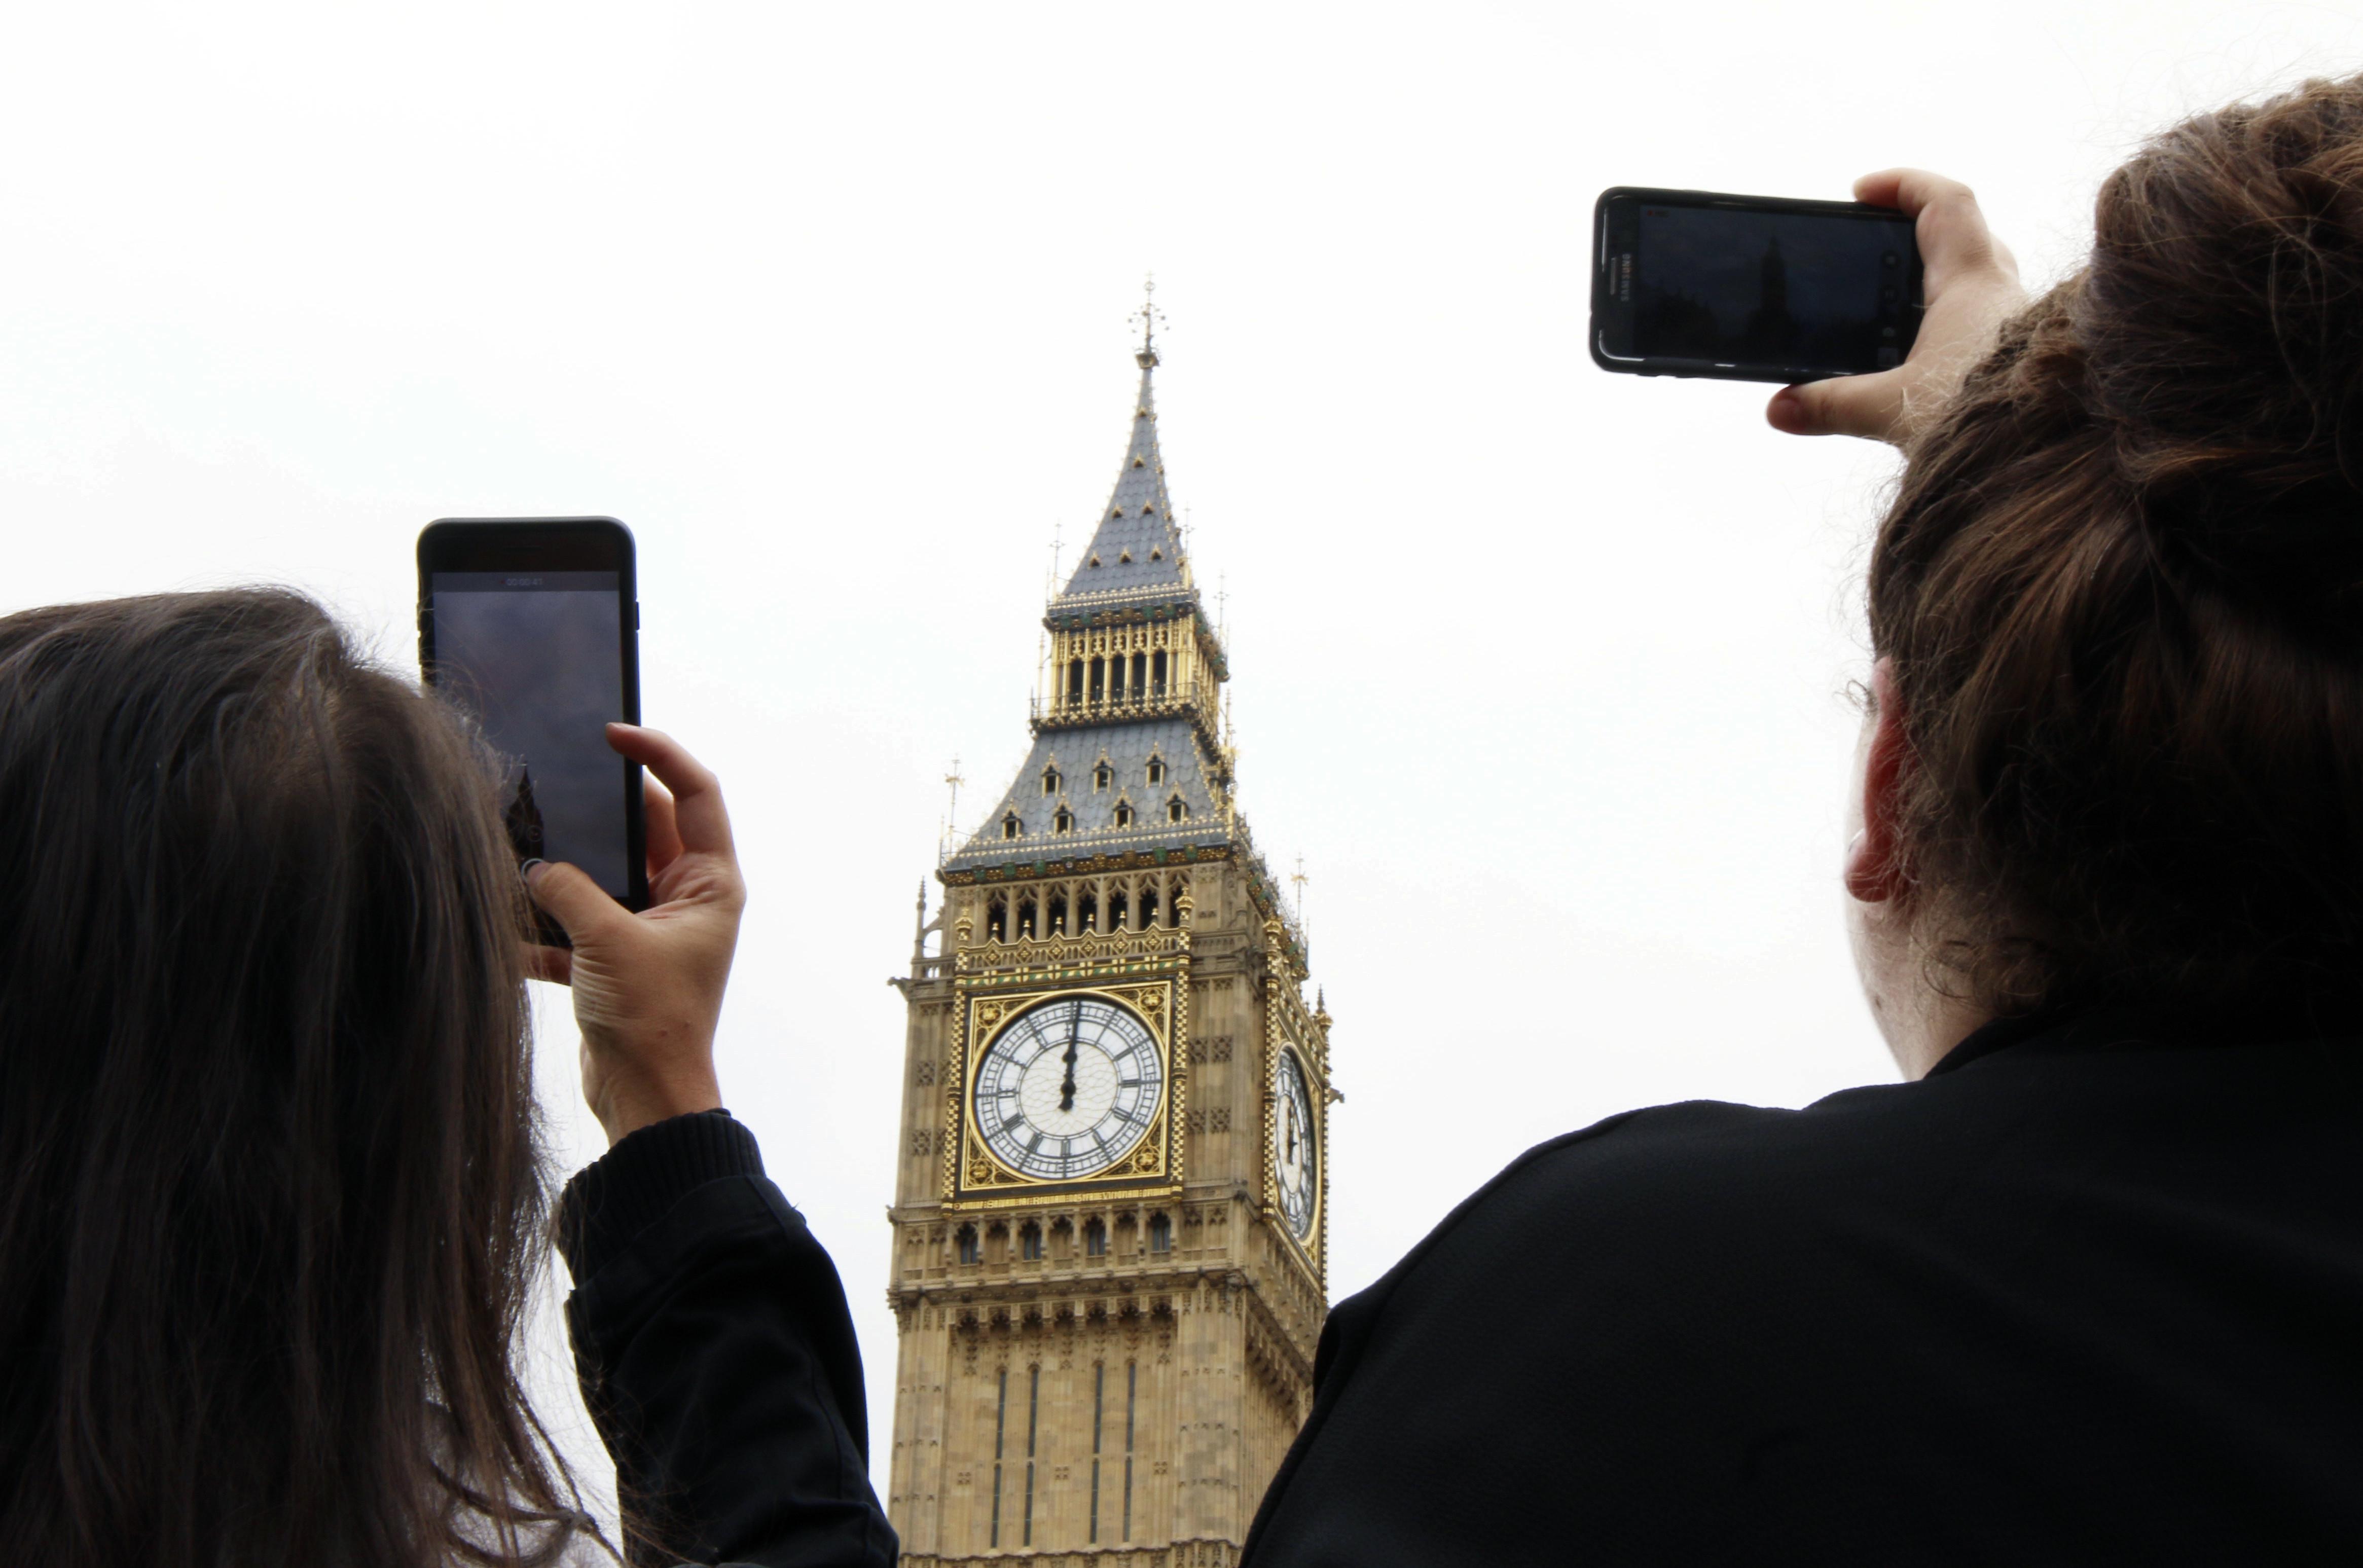 ▲▼英國倫敦的大笨鐘進入「沉默期」。(圖/達志影像/美聯社)